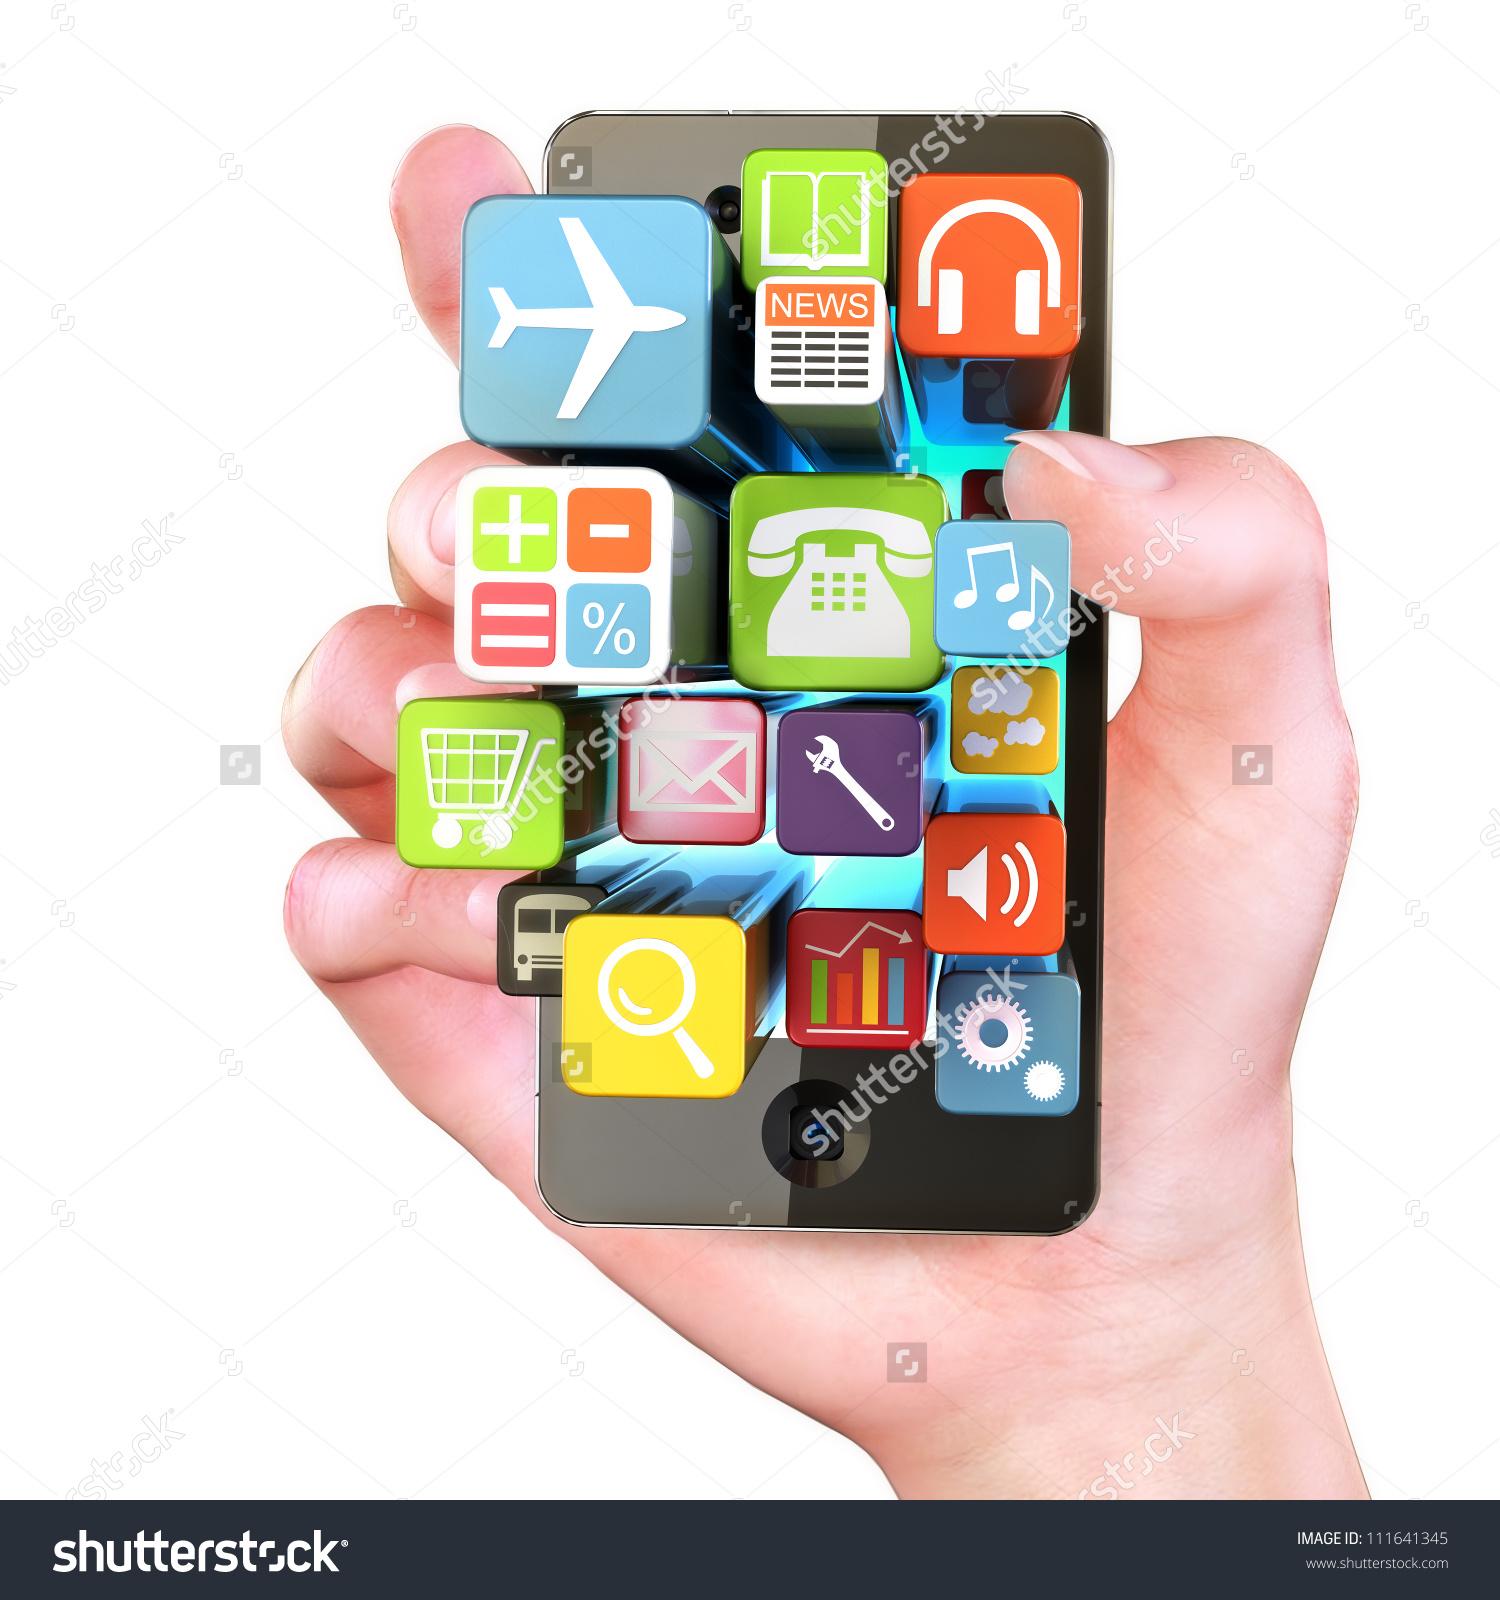 Smartphone app clipart jpg download Hand Holding Smartphone Appstouchscreen Smartphone Application ... jpg download